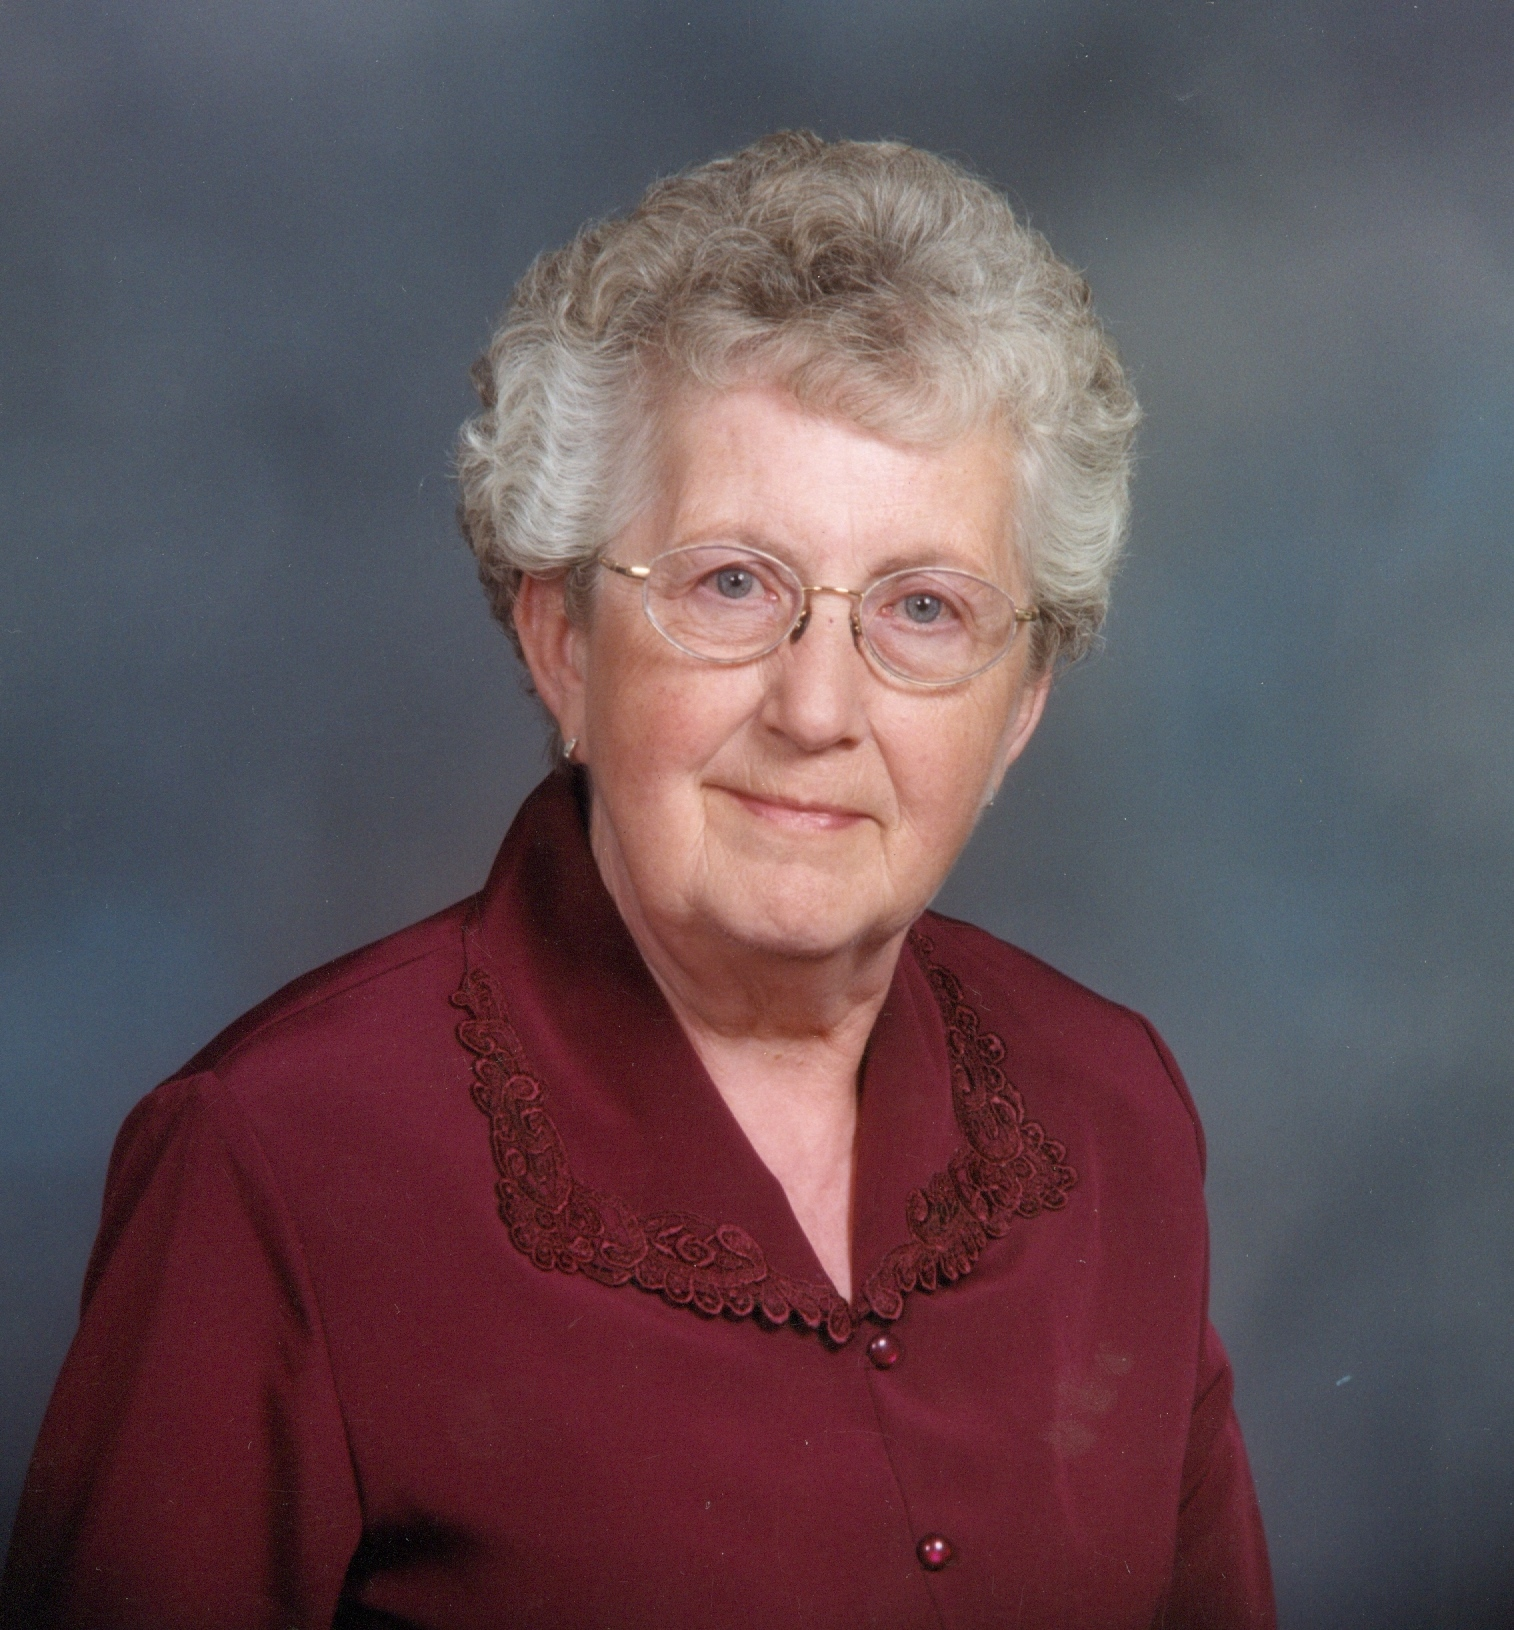 Muriel Ann Brehm